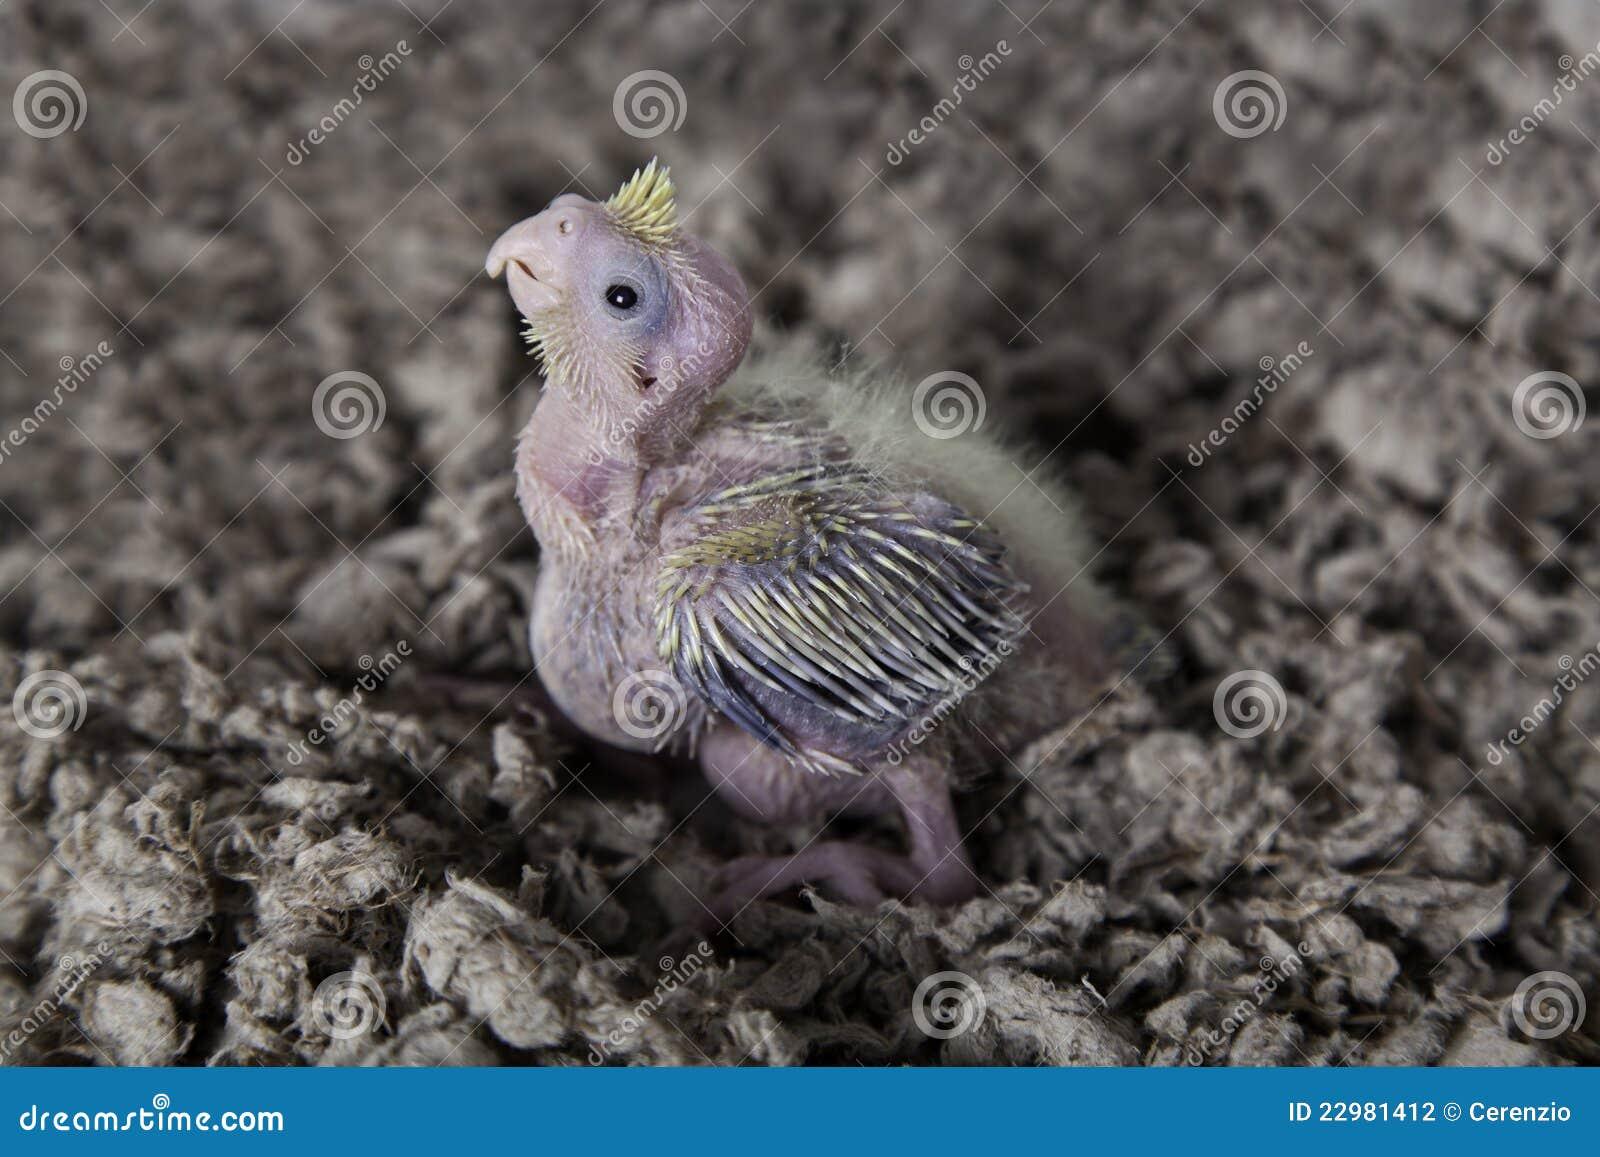 Cute baby cockatiel - photo#6